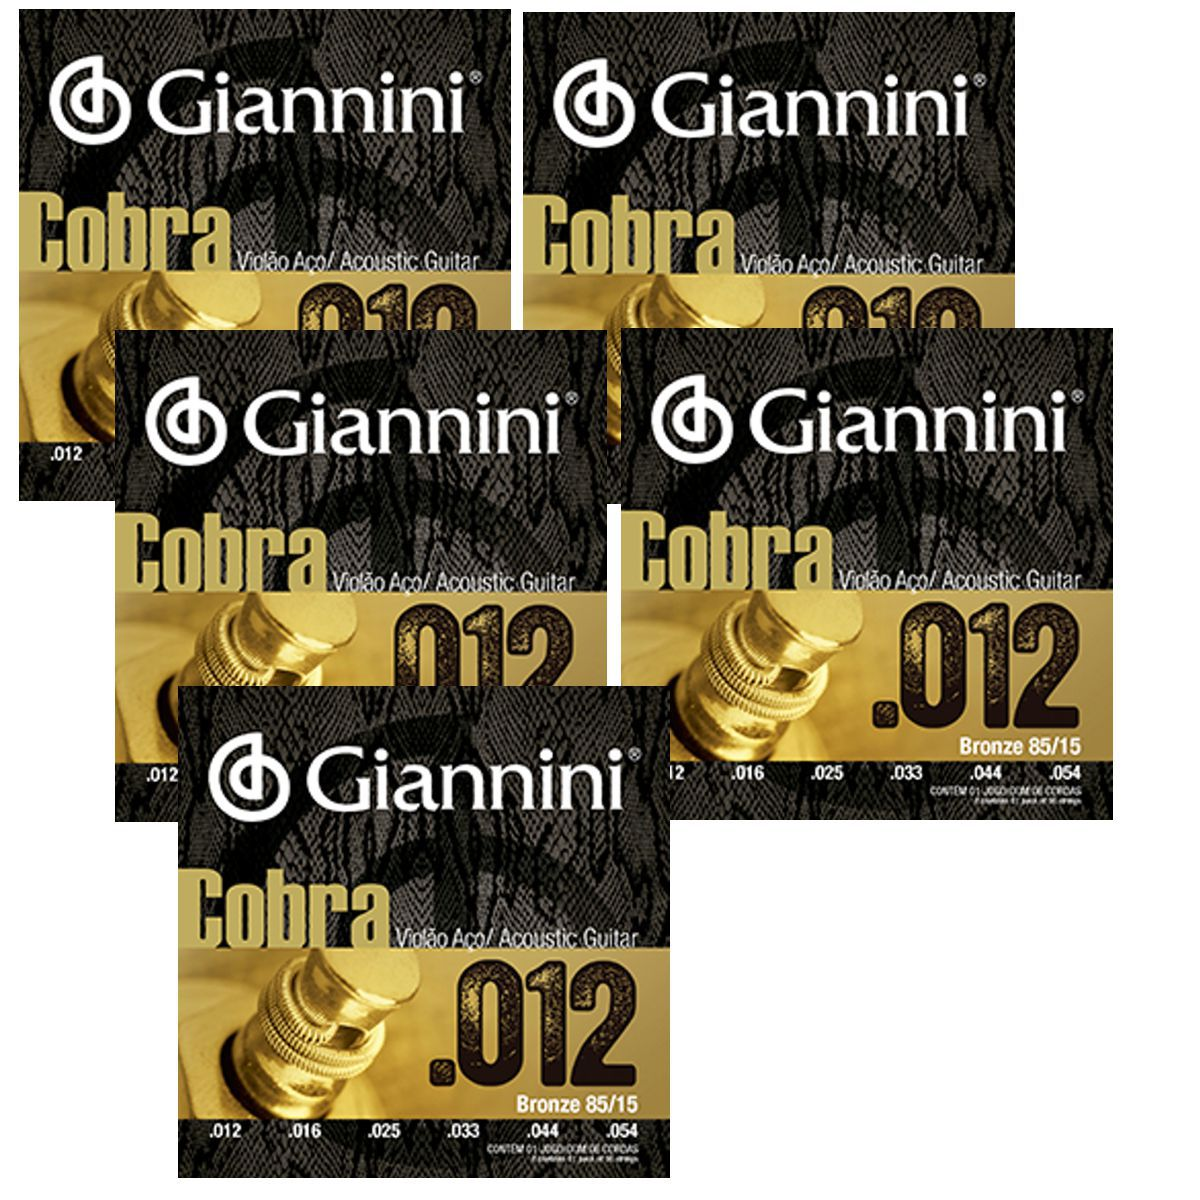 Encordoamento Giannini Violão AÇO Bonze 85/15 Série Cobra .012 GEEFLKS012 - 05 Unidades